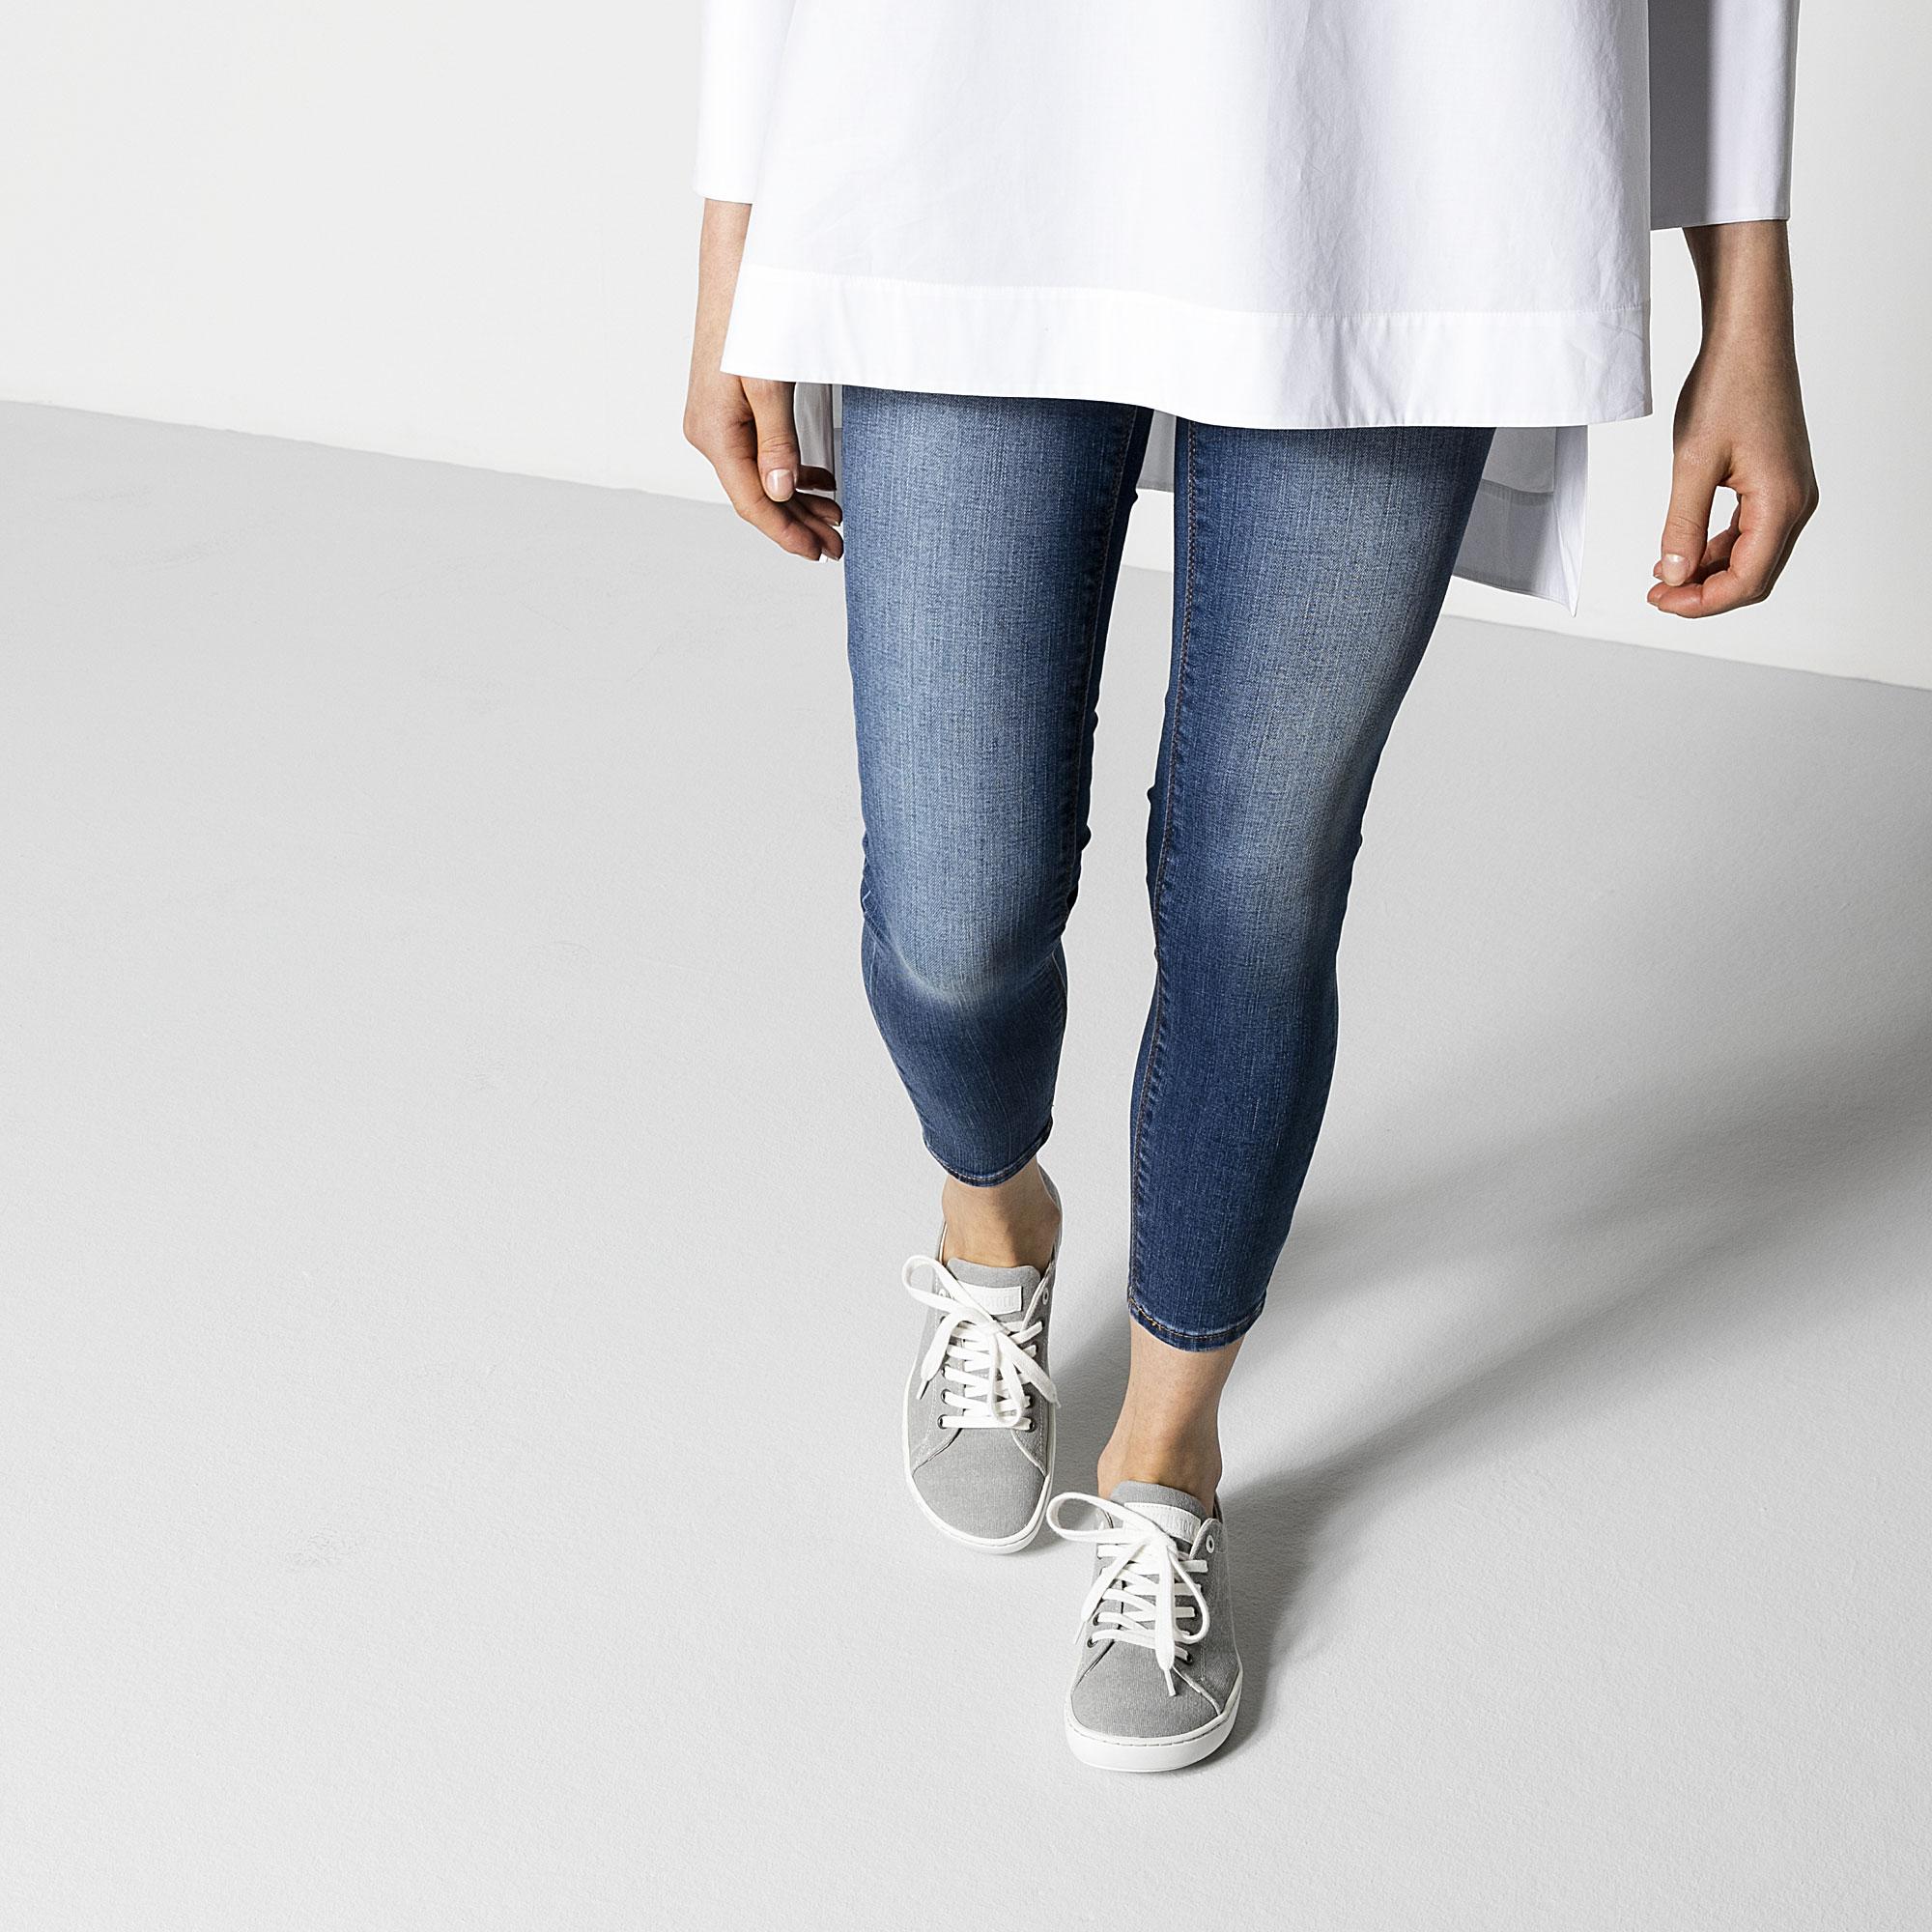 Arran Textile Light Grey   shop online